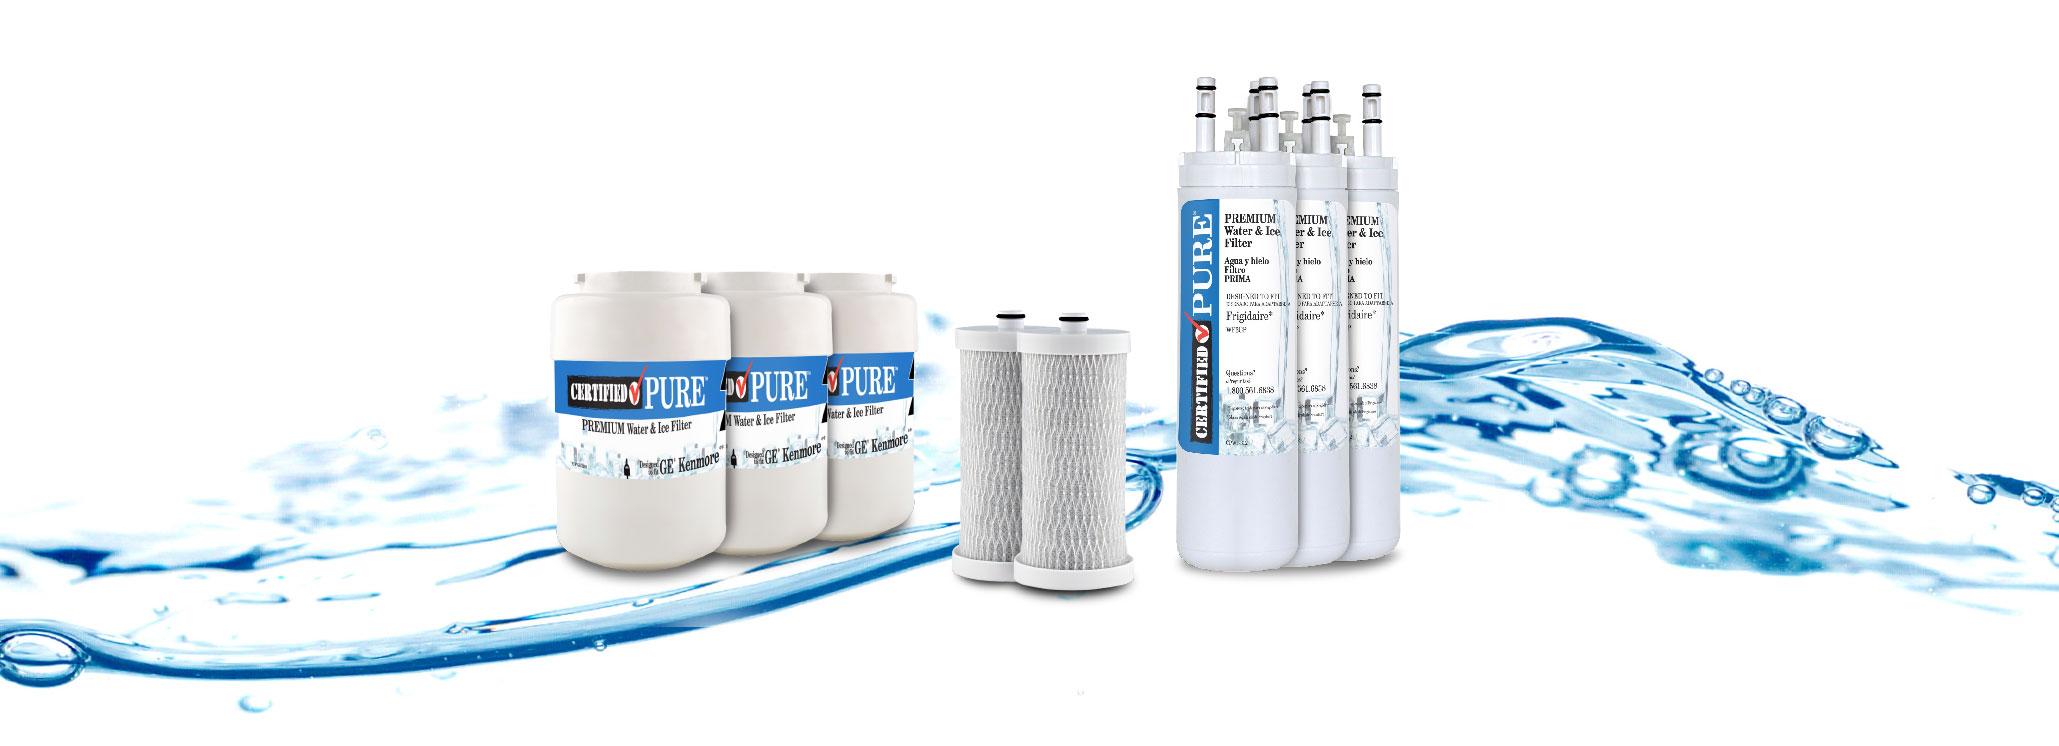 CertifiedPure Product Banner - UX Website Design